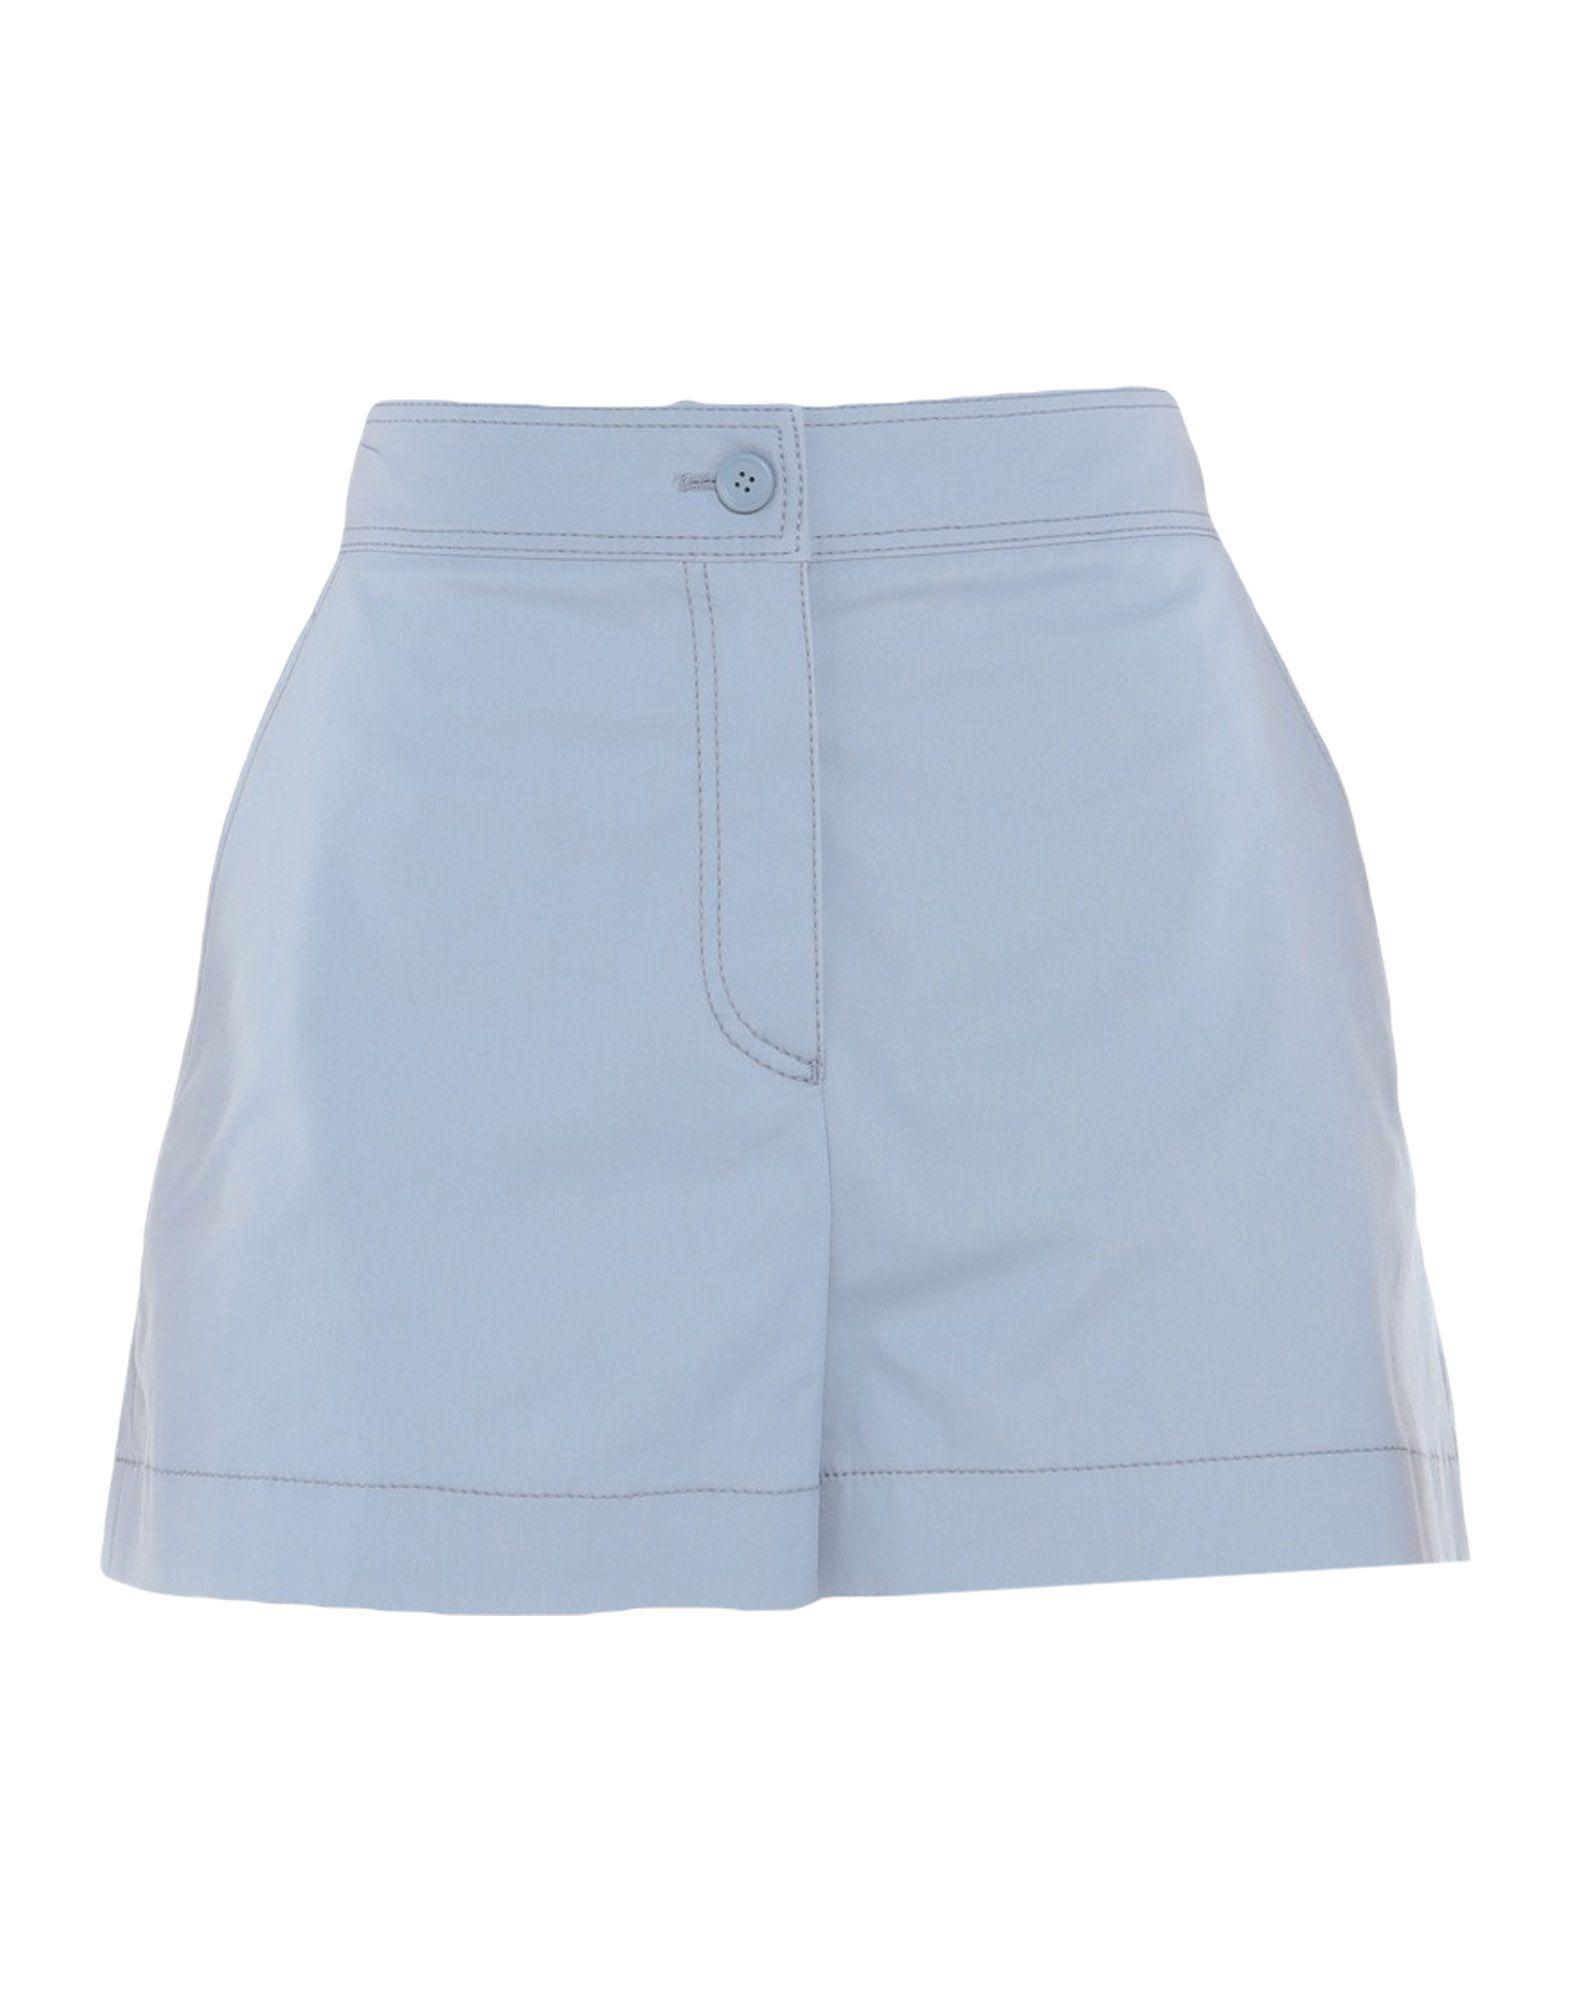 6baeee0bab48 MISSONI Shorts y Bermudas - Pantalones | YOOX.COM